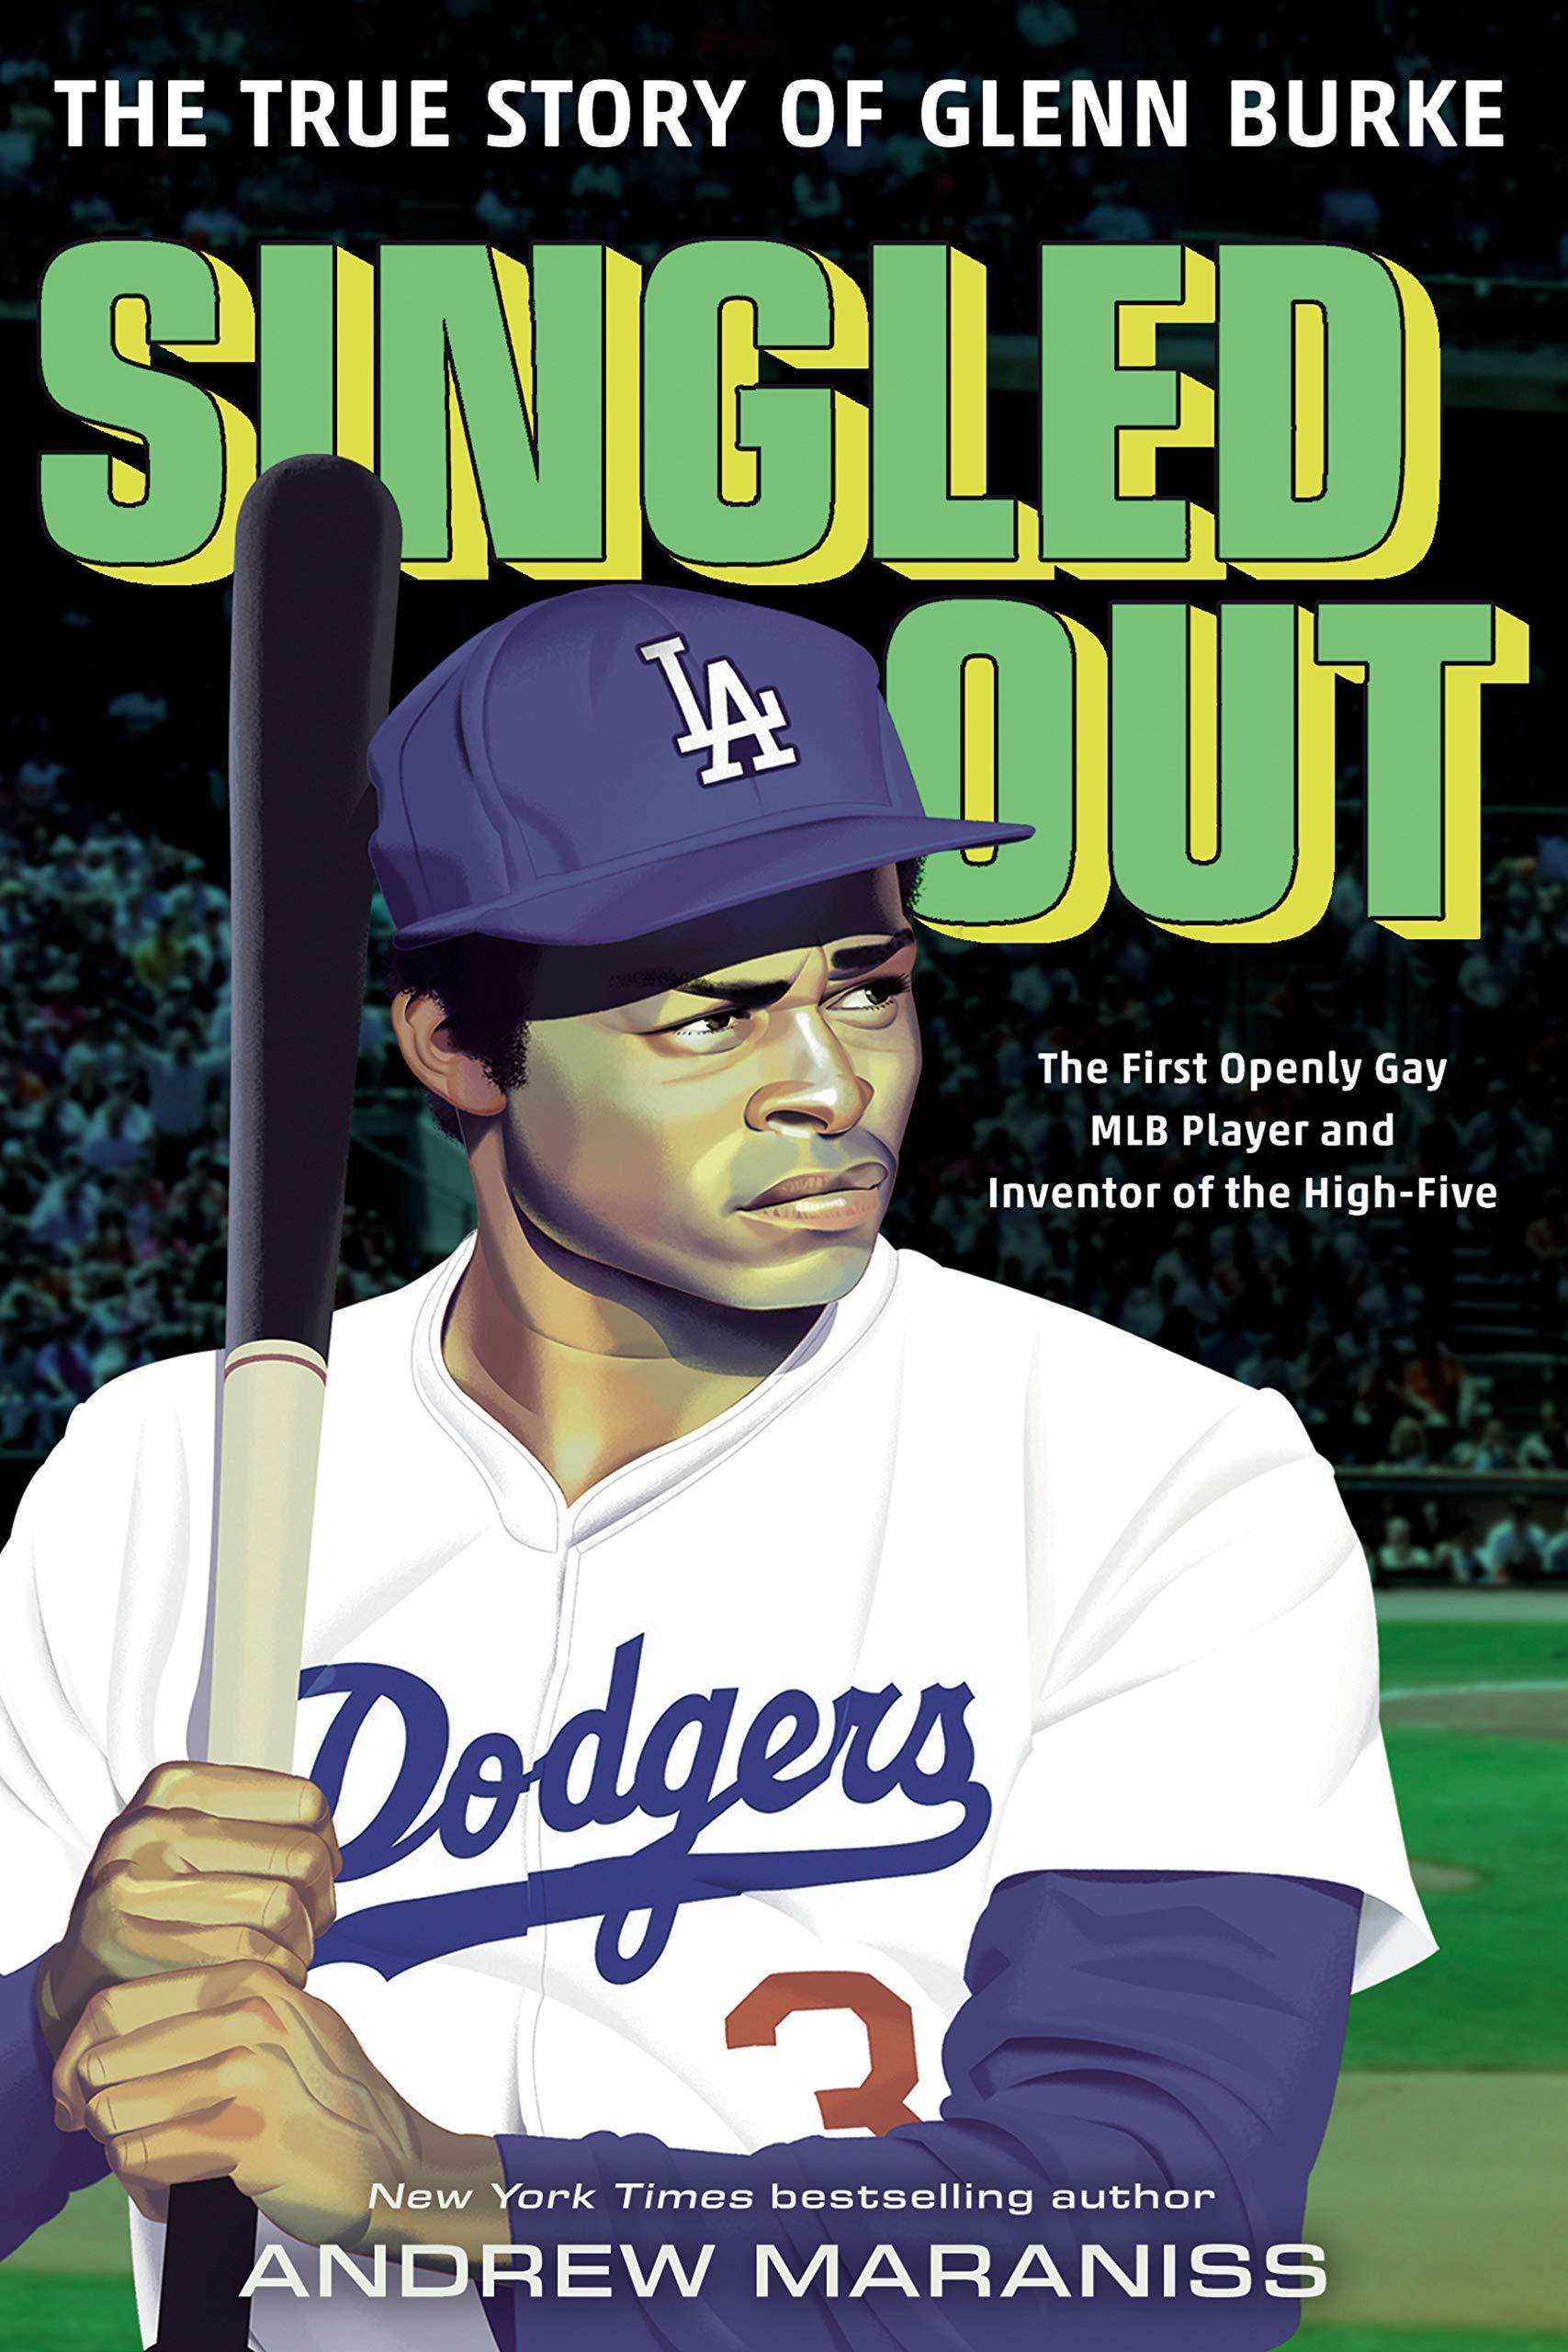 Amazon.com: Singled Out: The True Story of Glenn Burke (9780593116722):  Maraniss, Andrew: Books